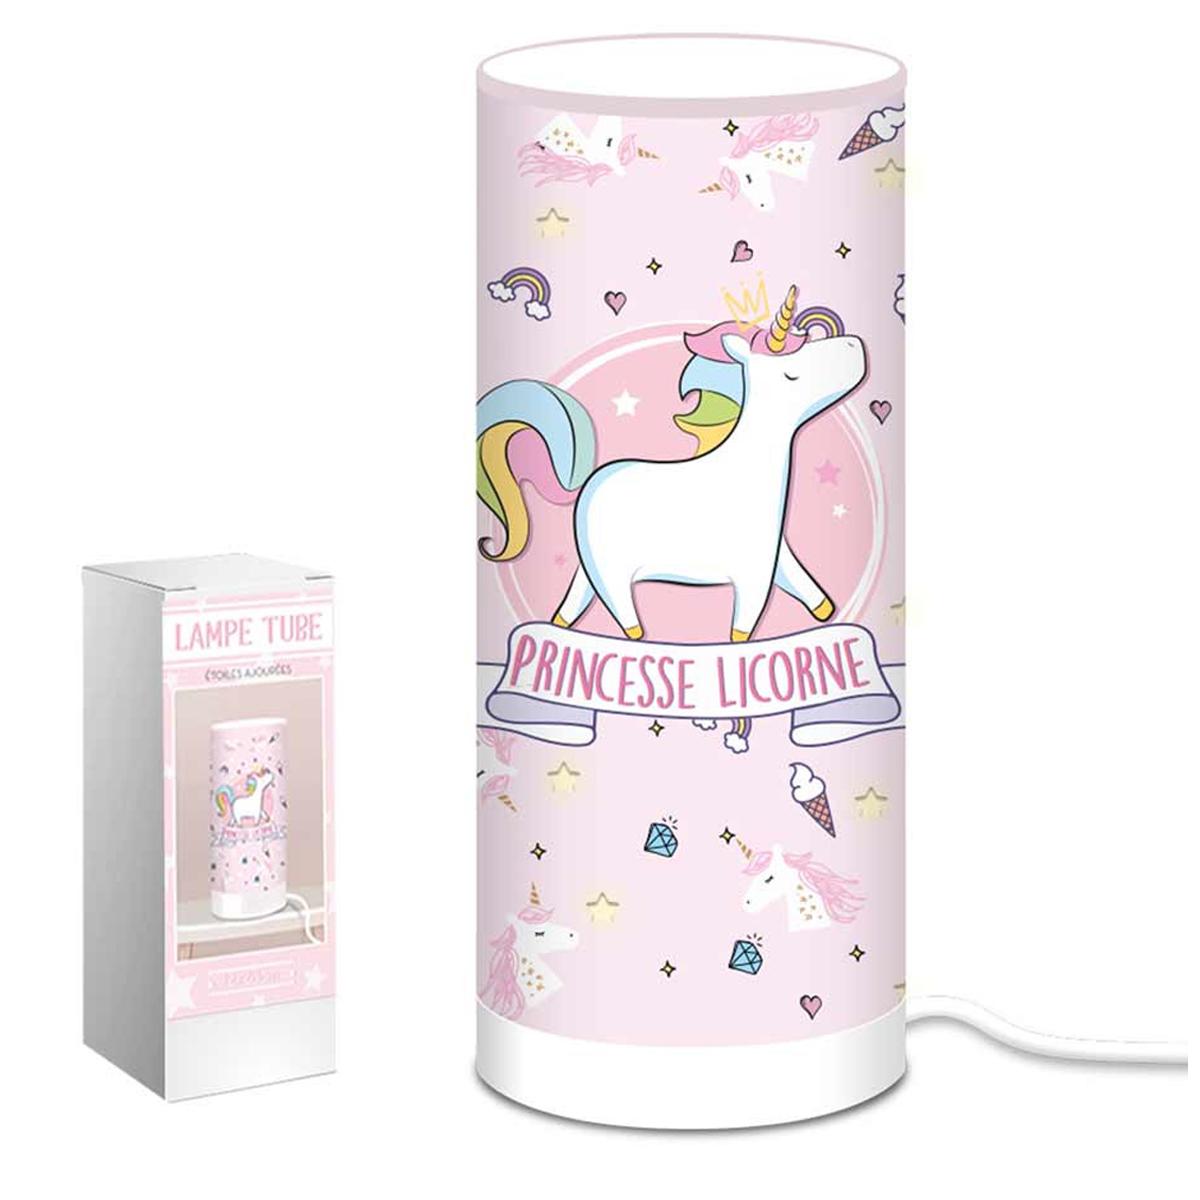 Lampe tube \'Licorne My Unicorn\' rose (Princesse Licorne)  - 28x12 cm - [Q9058]